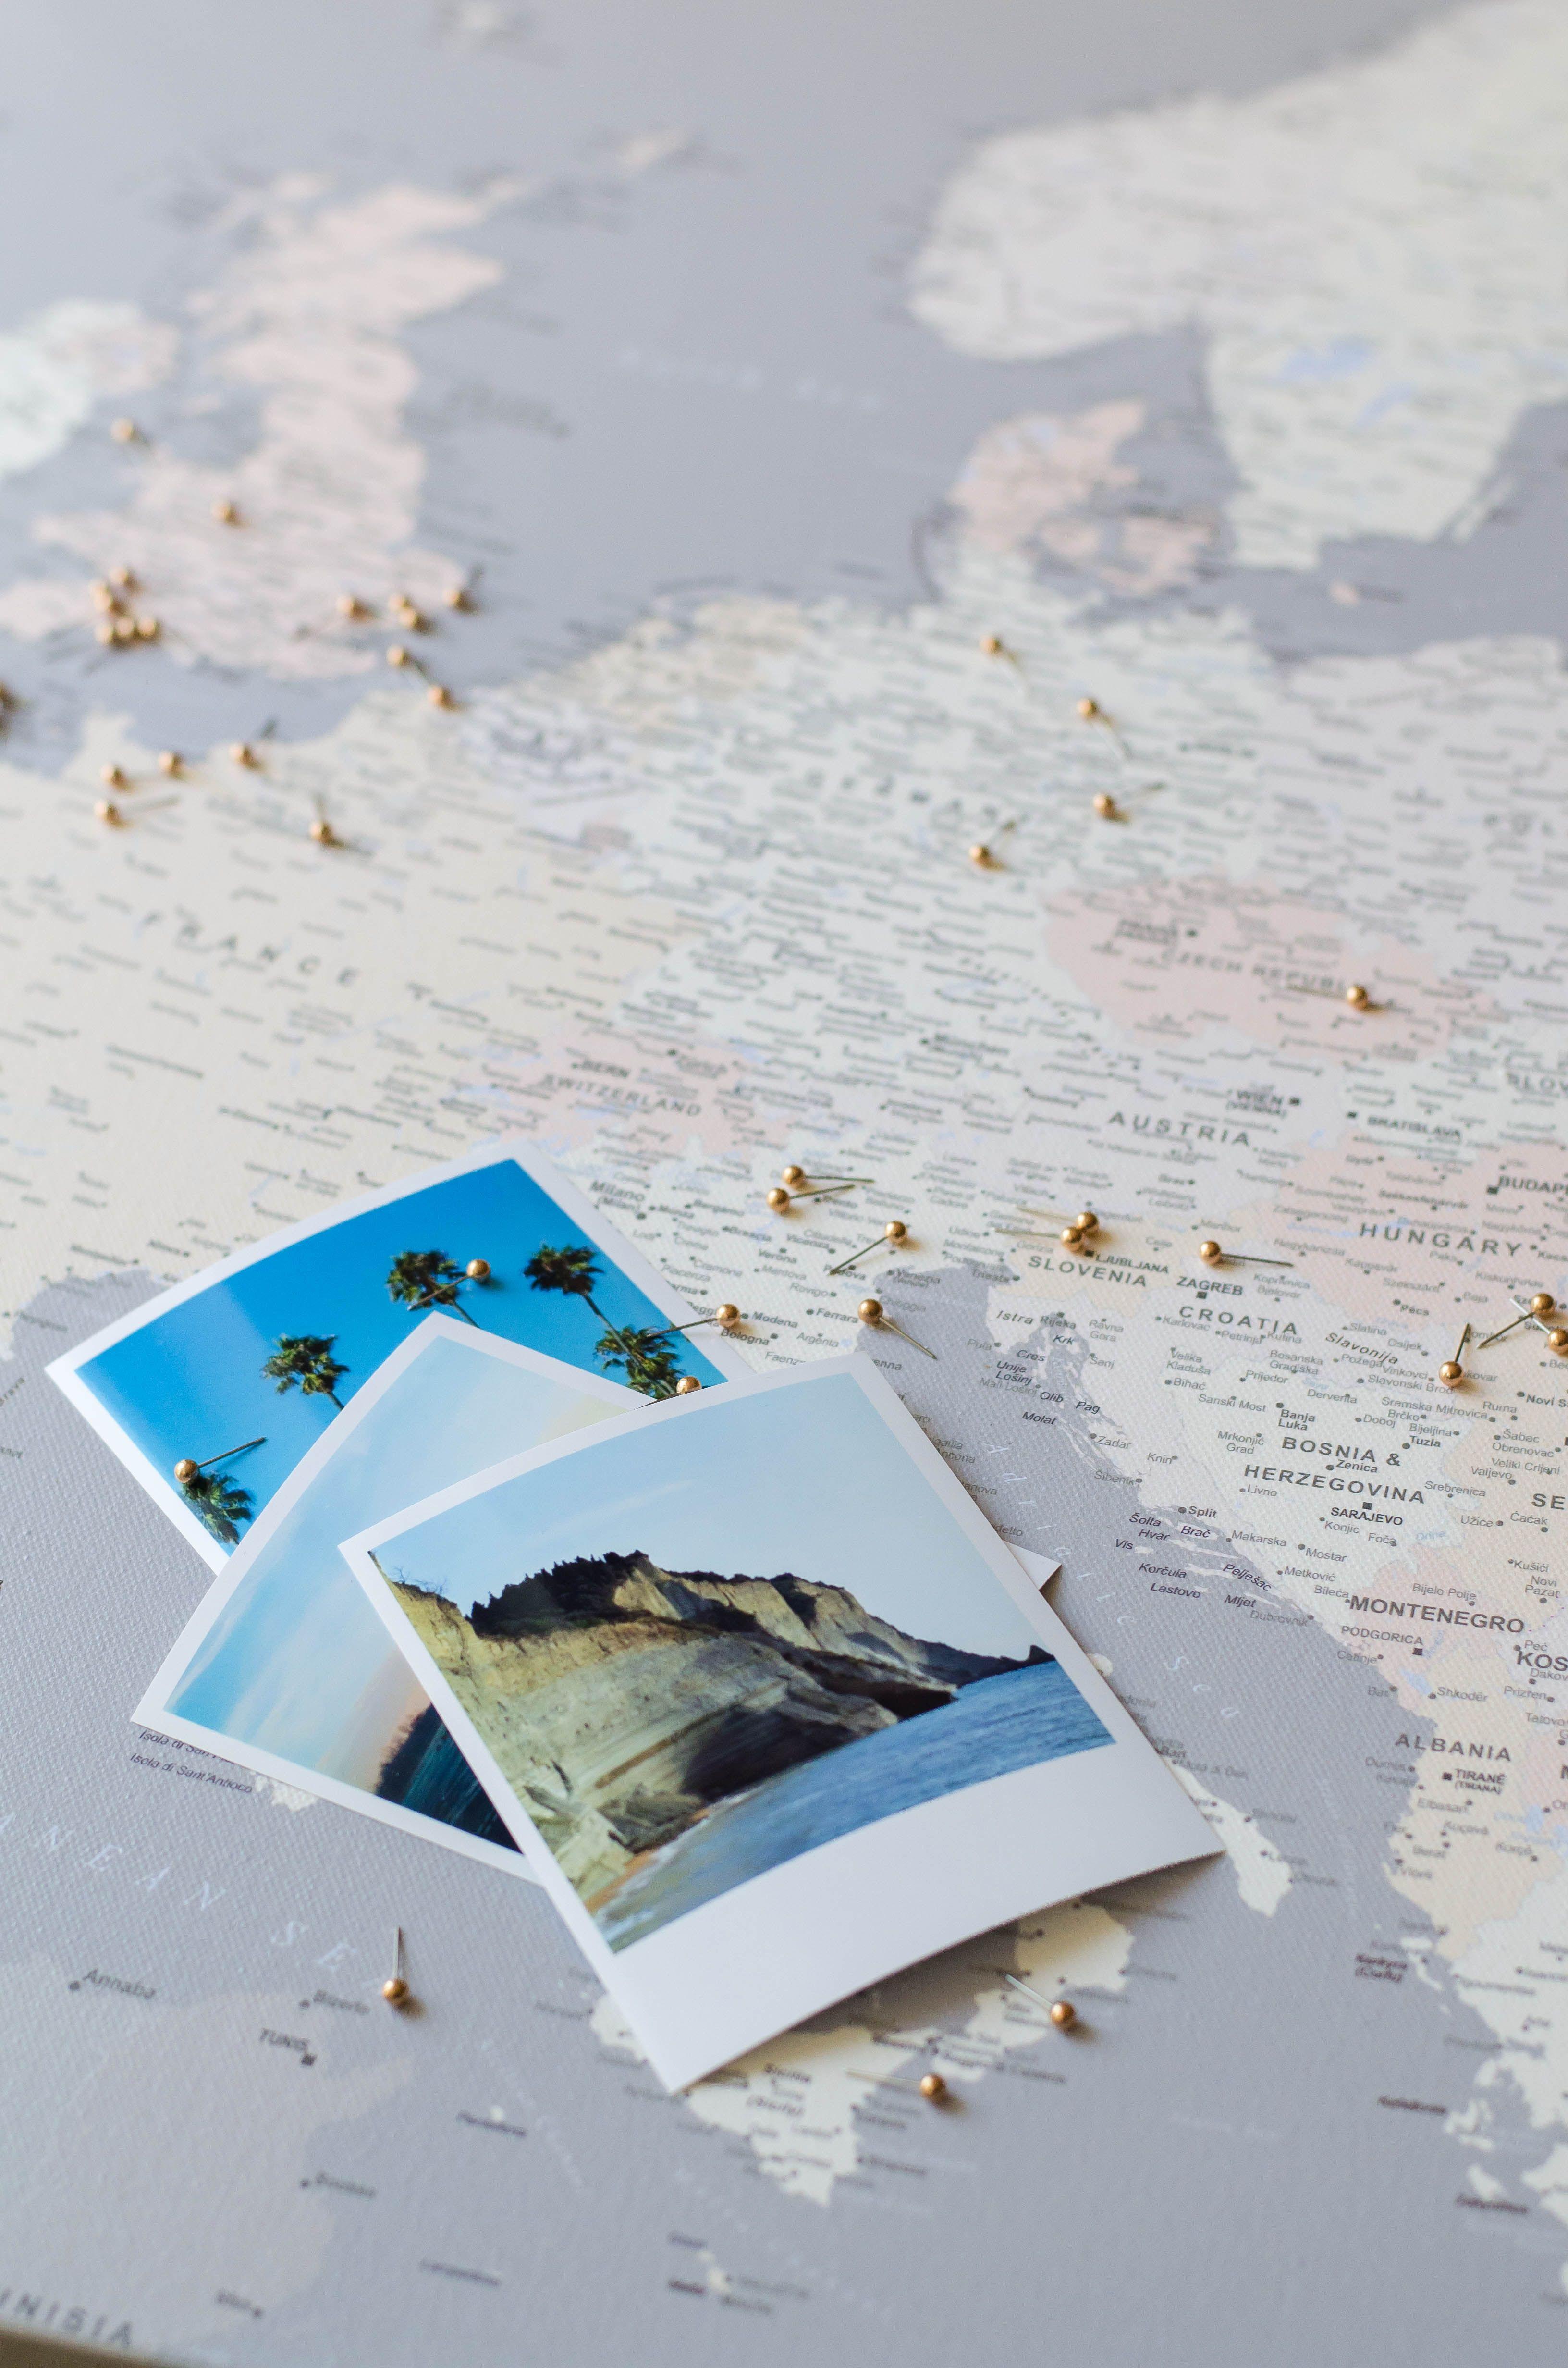 Bilder Auf Der Leinwand Reisekarte Markiere Deiner Reise Abenteuer In 2020 Reisekarten Weltkarte Karten